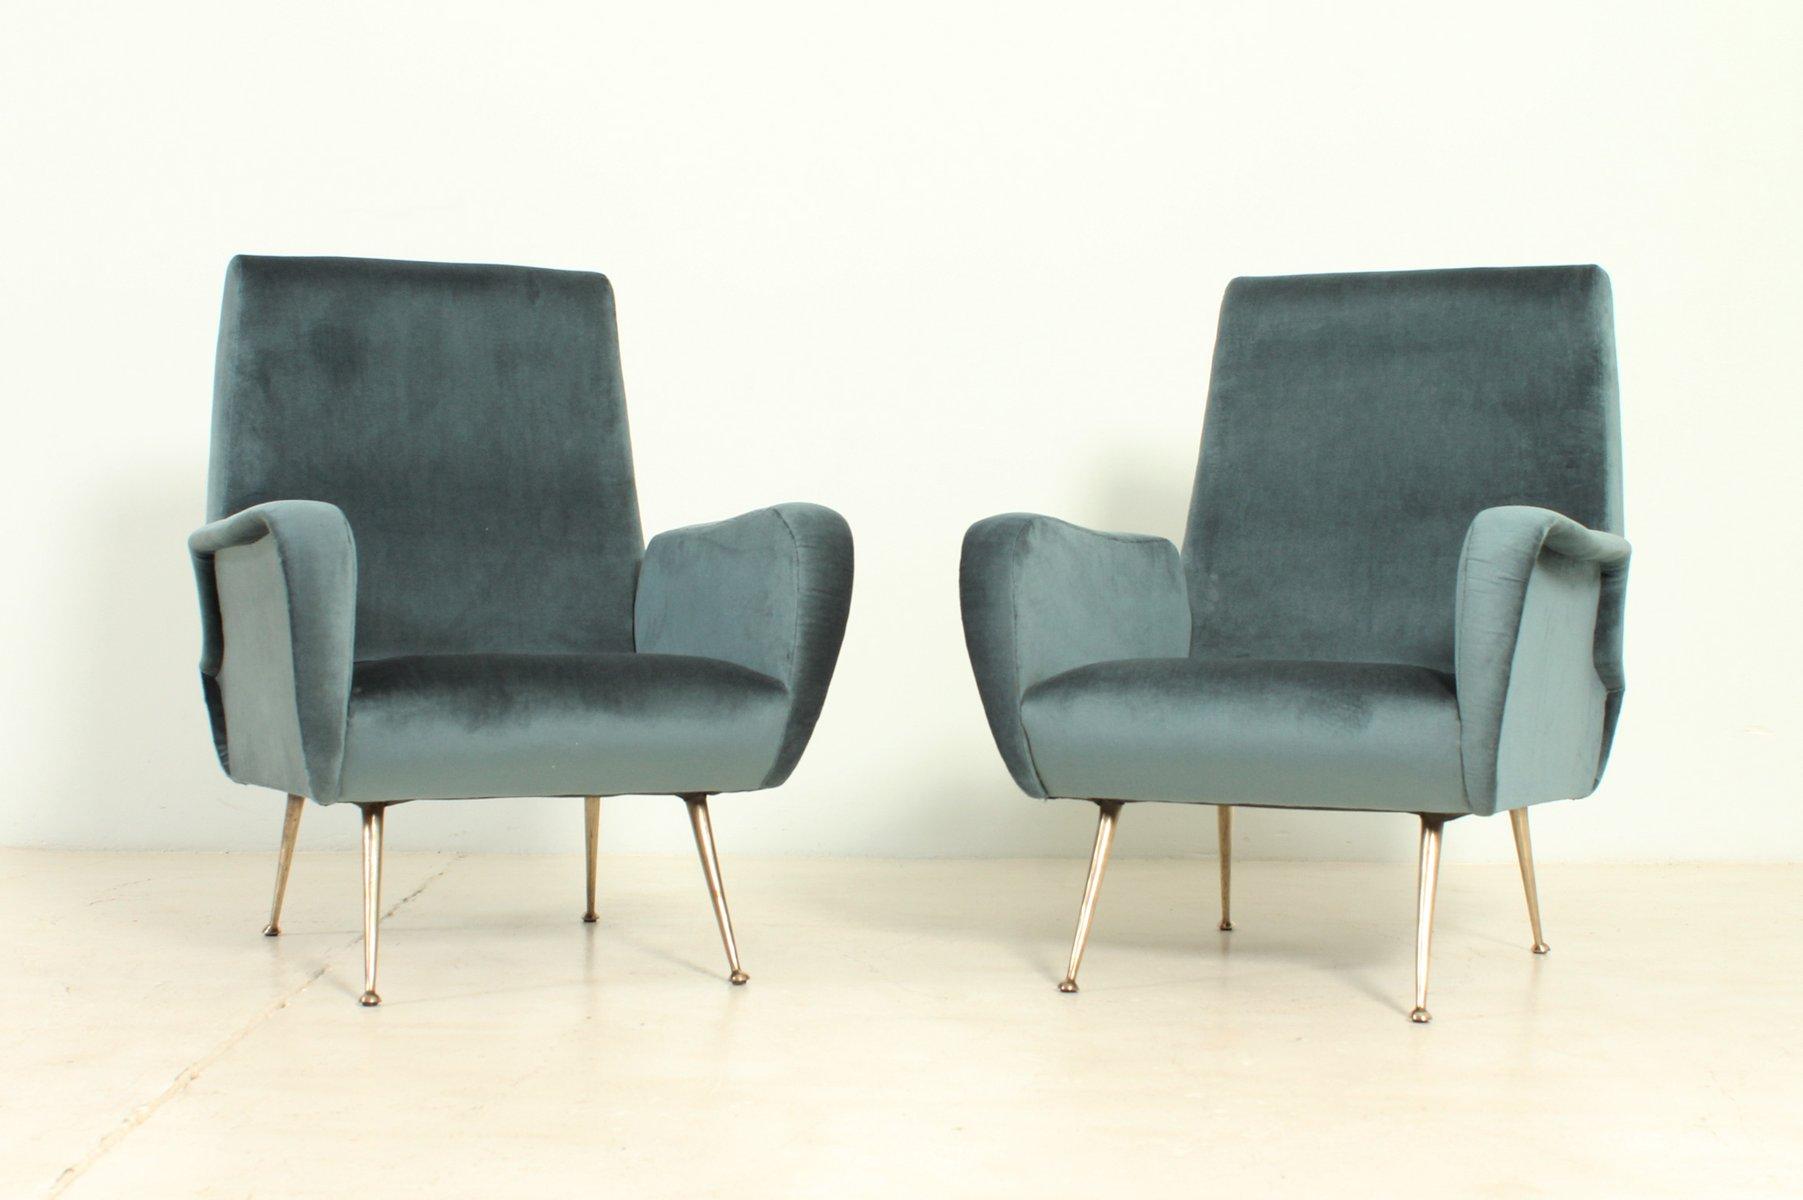 Poltrone vintage di velluto con gambe in ottone italia anni 39 50 set di 2 in vendita su pamono - Poltrone vintage design ...